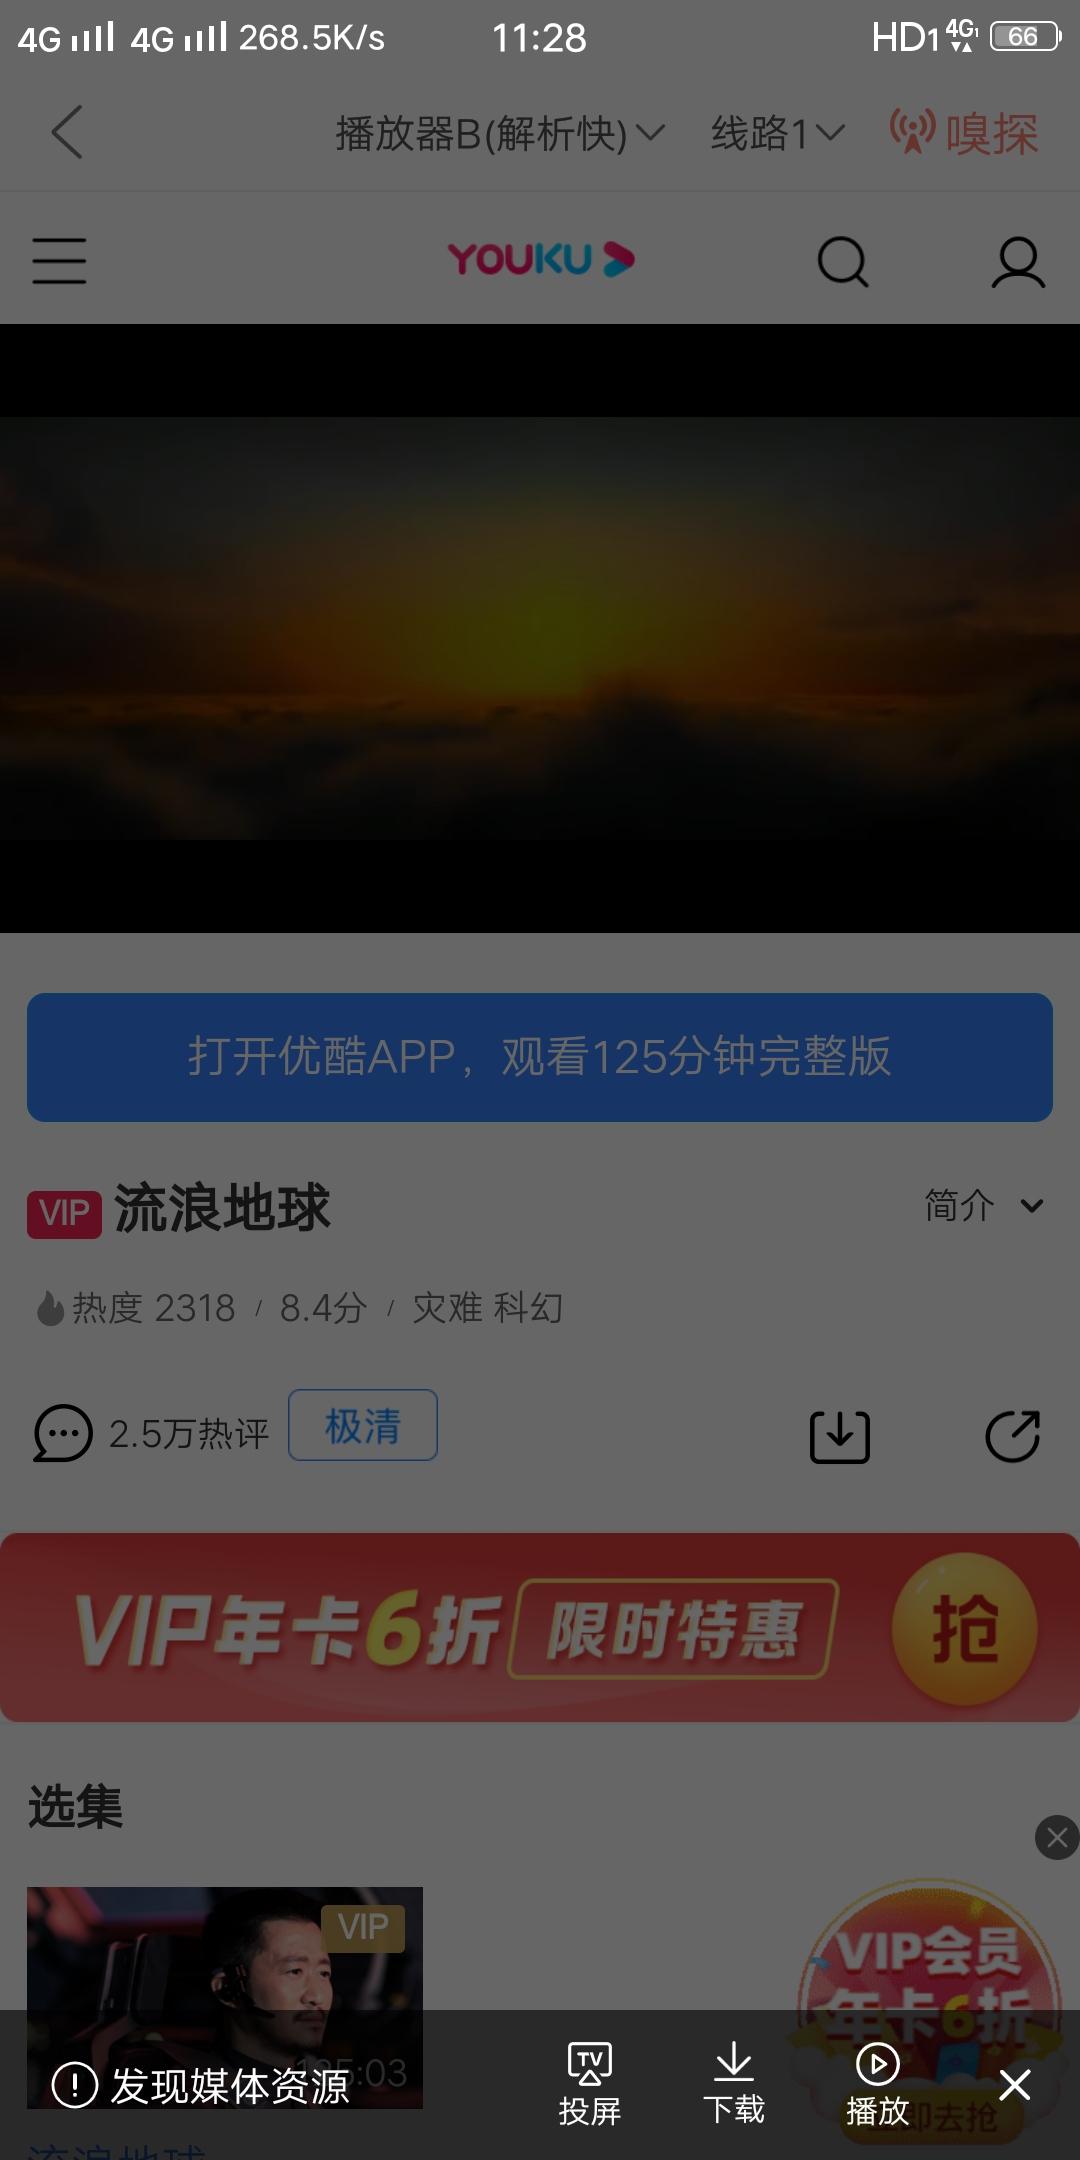 Screenshot_20191011_112856.jpg